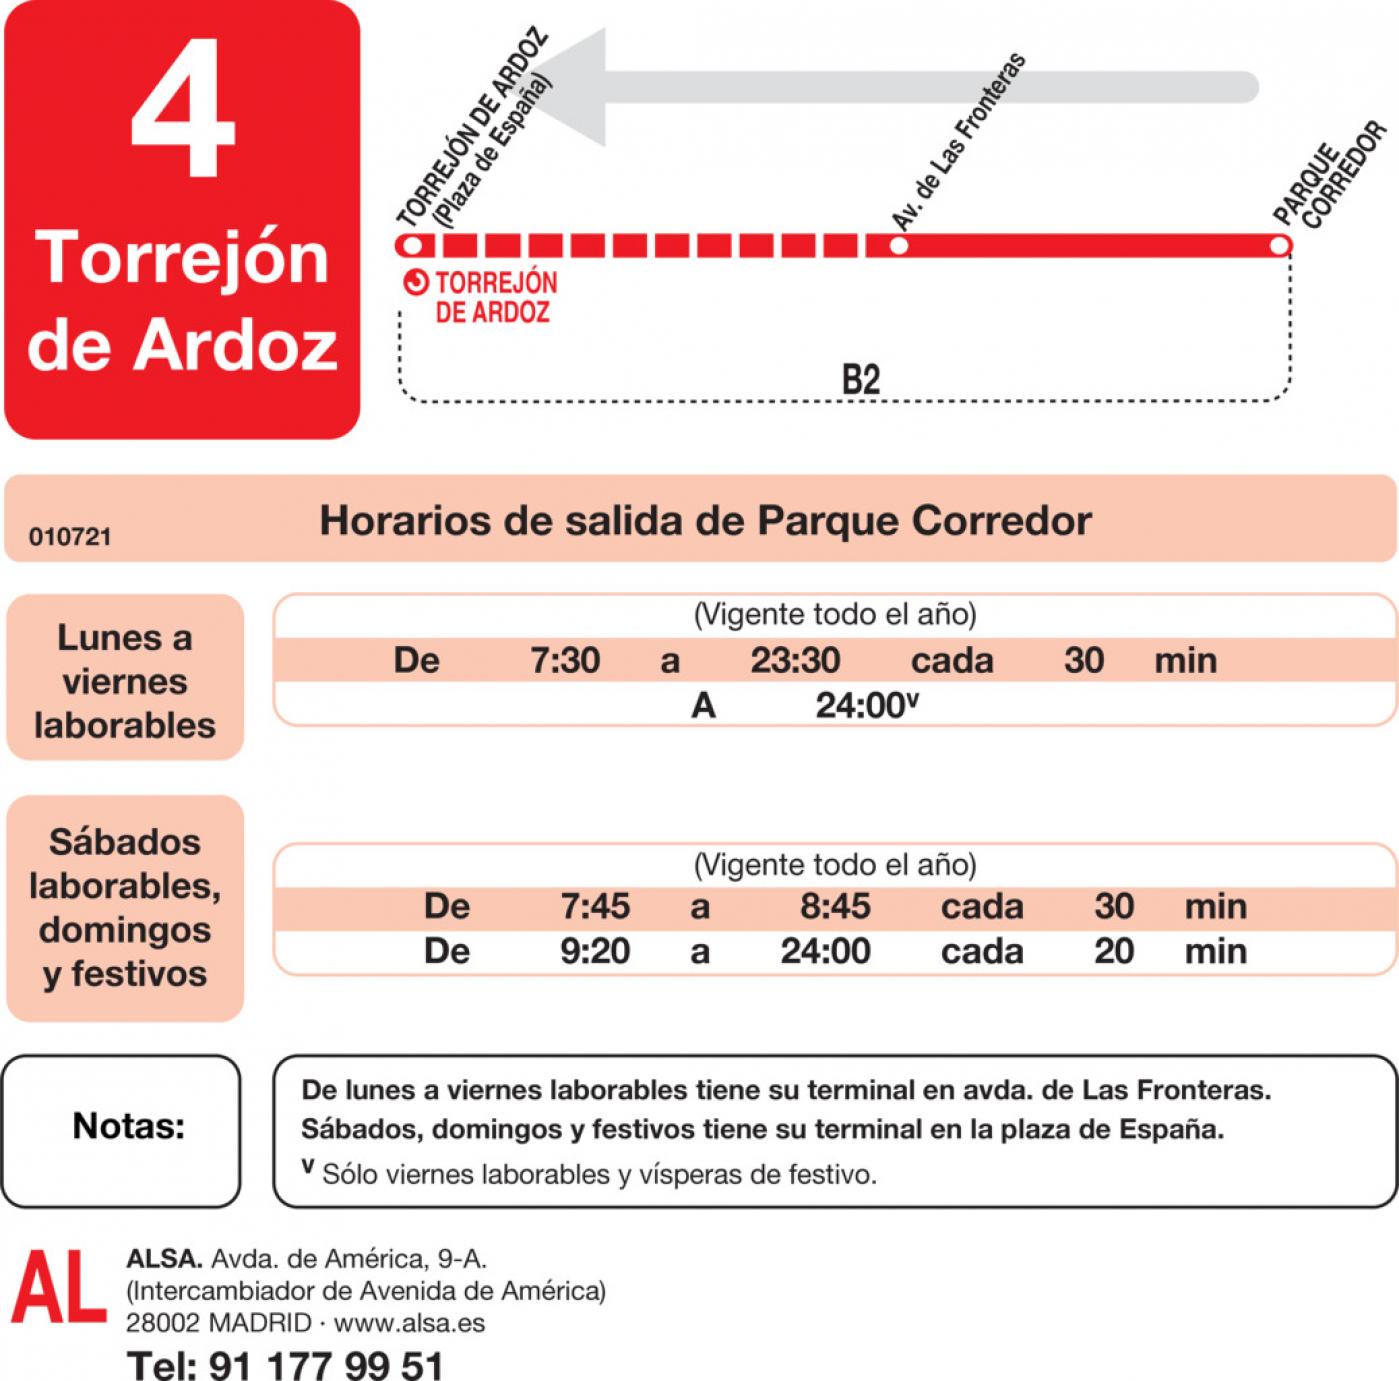 Tabla de horarios y frecuencias de paso en sentido vuelta Línea L-4 Torrejón de Ardoz: Torrejón - Parque Corredor